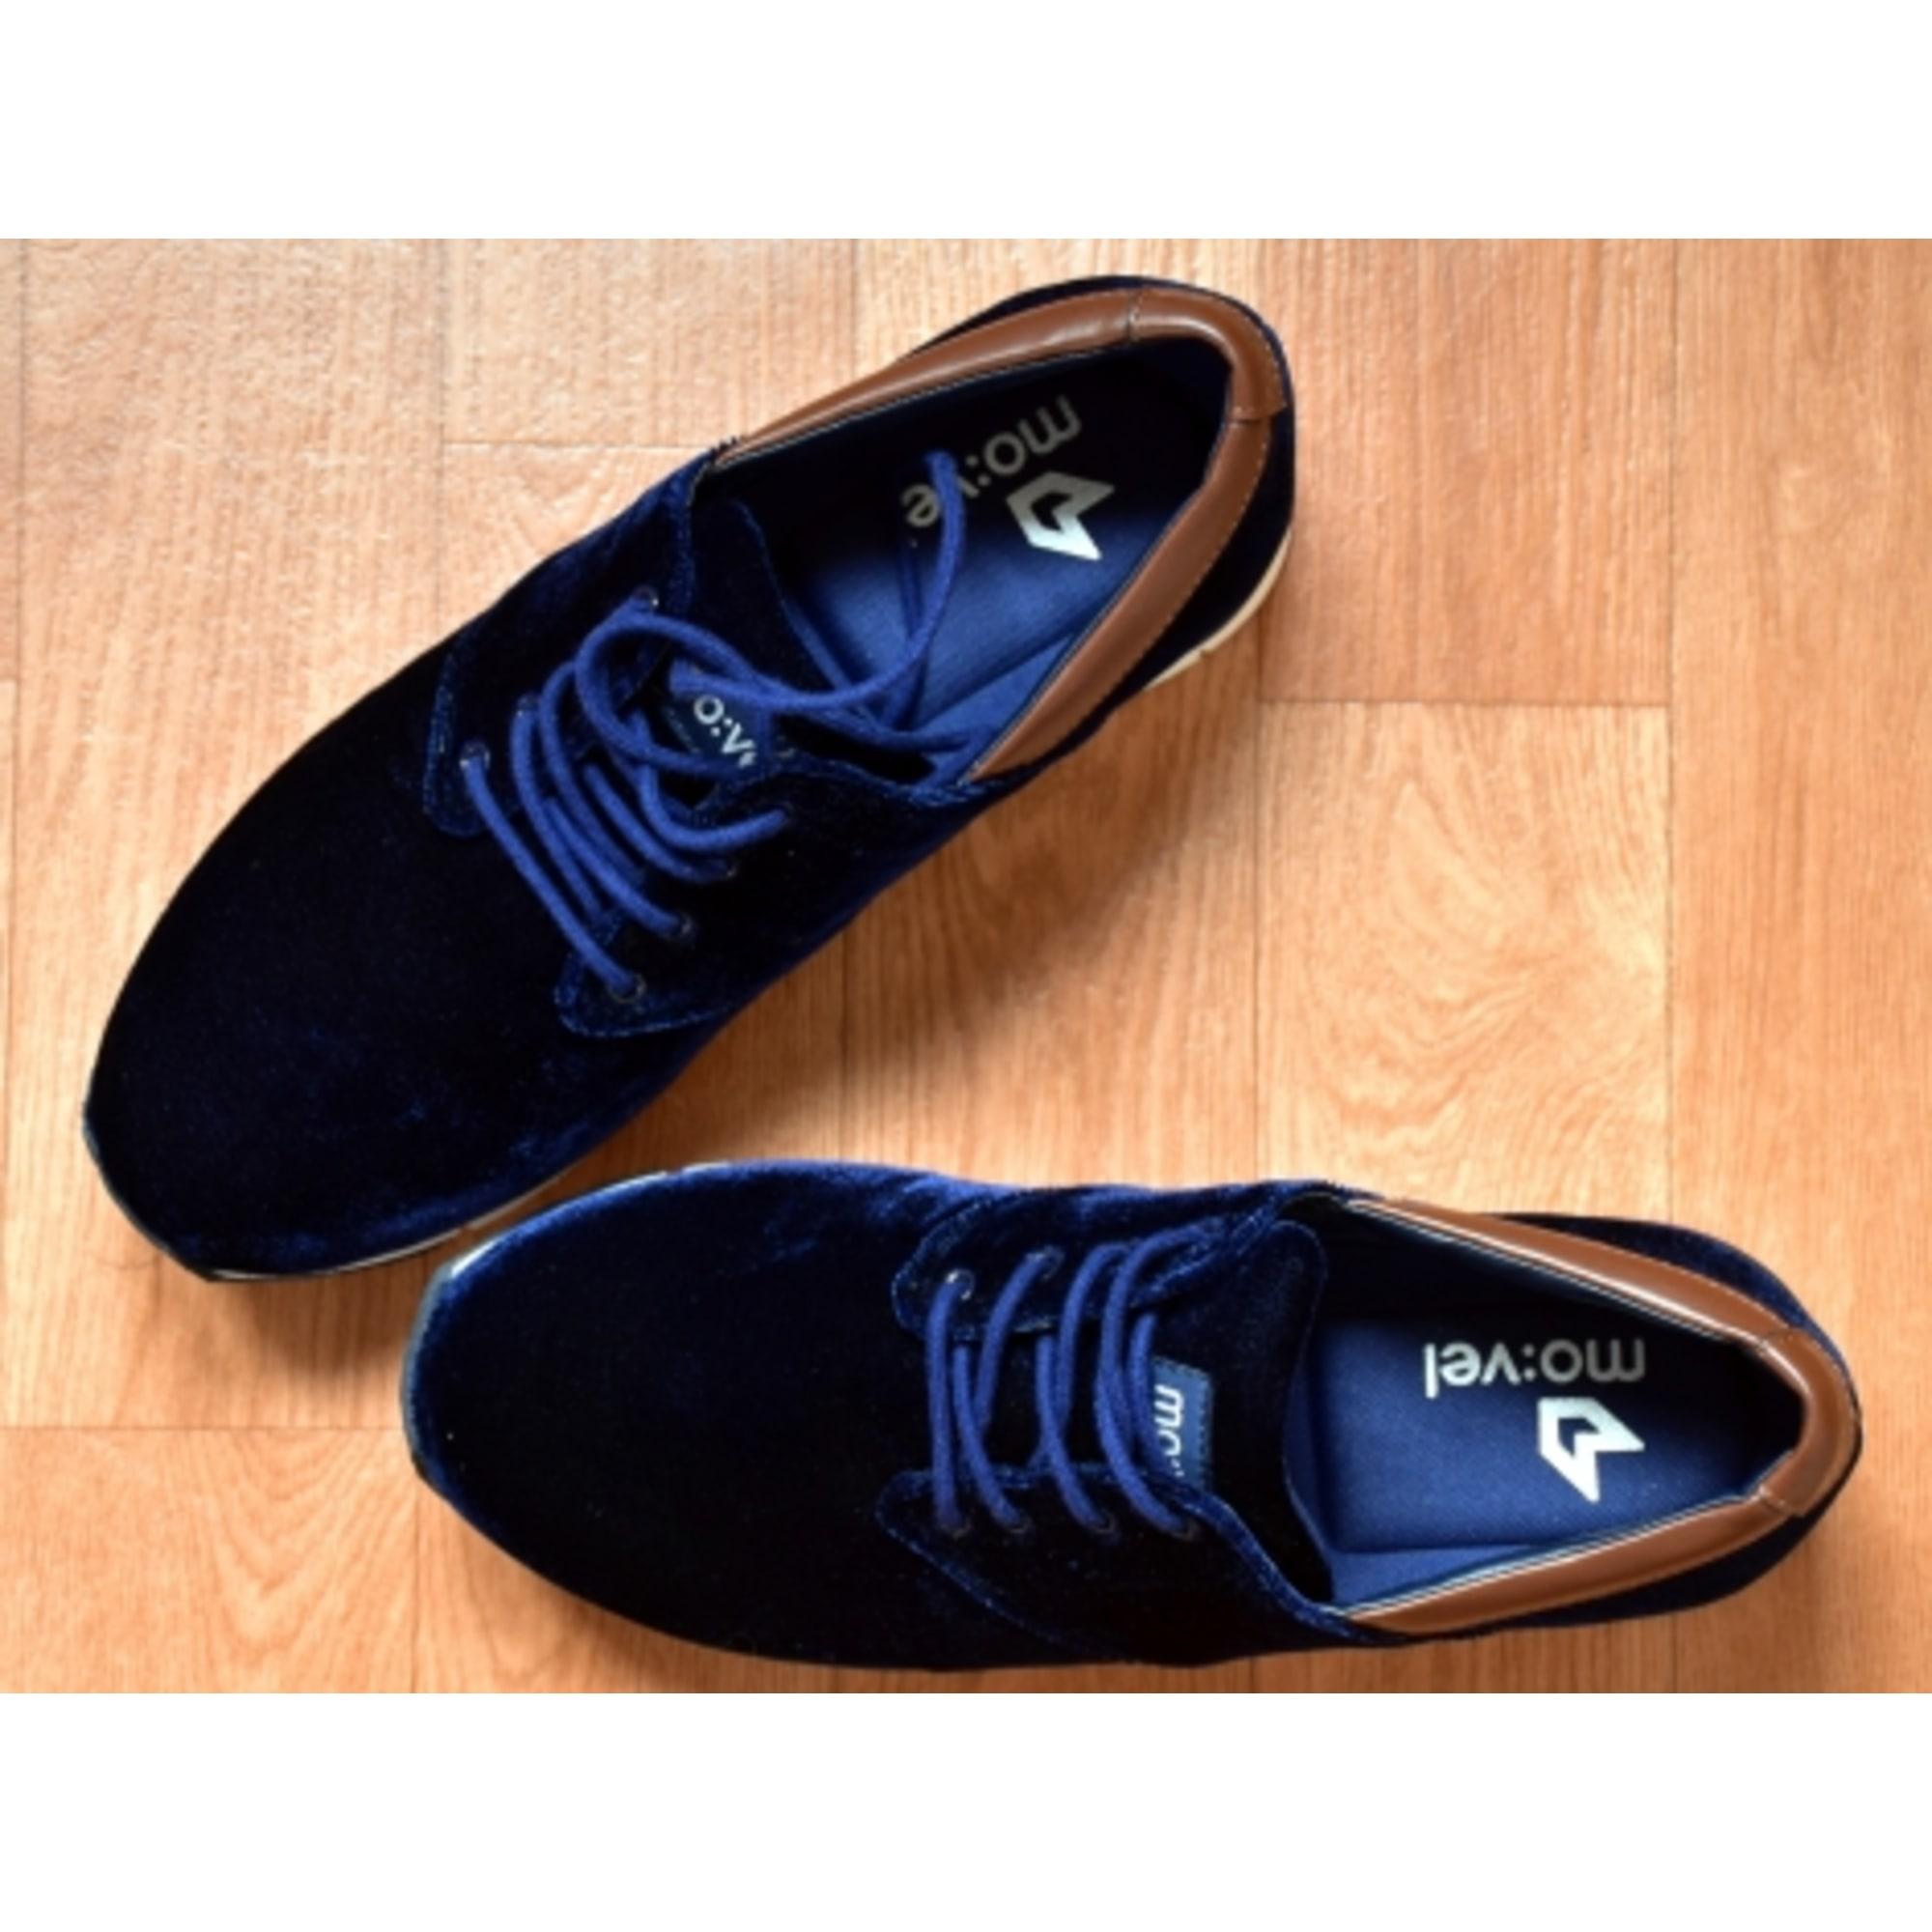 Chaussures à des prix accessibles en ligne | Site Chaussure